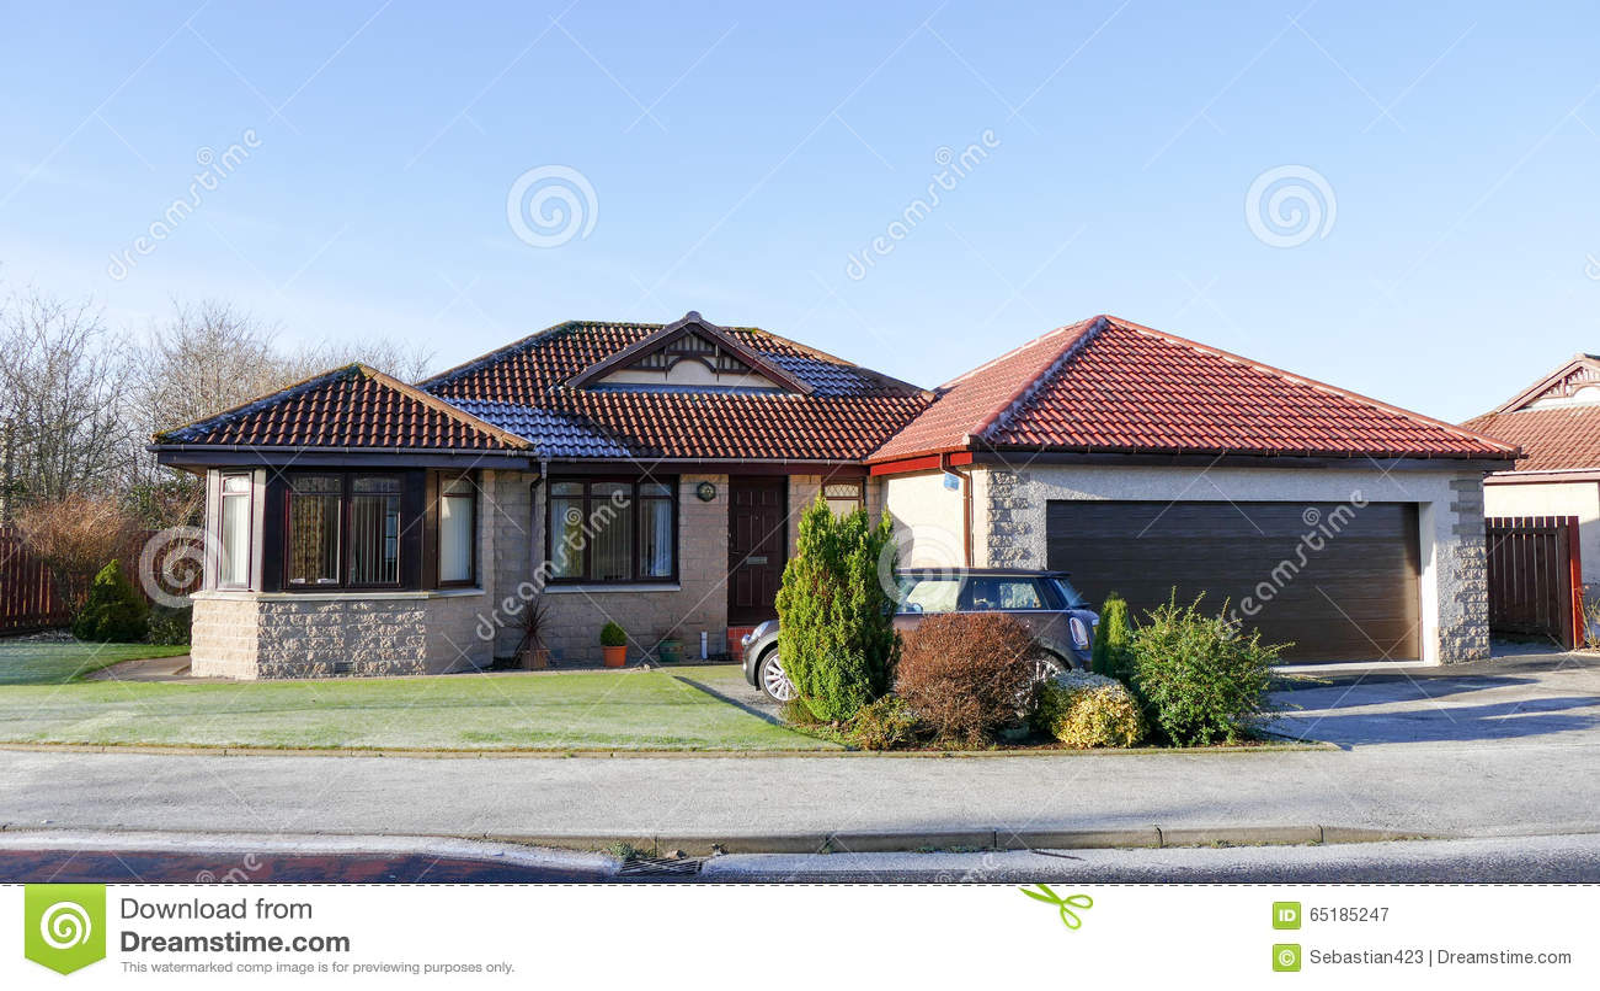 Casas una planta modernas planos casas casas de dos pisos - Casas planta baja modernas ...